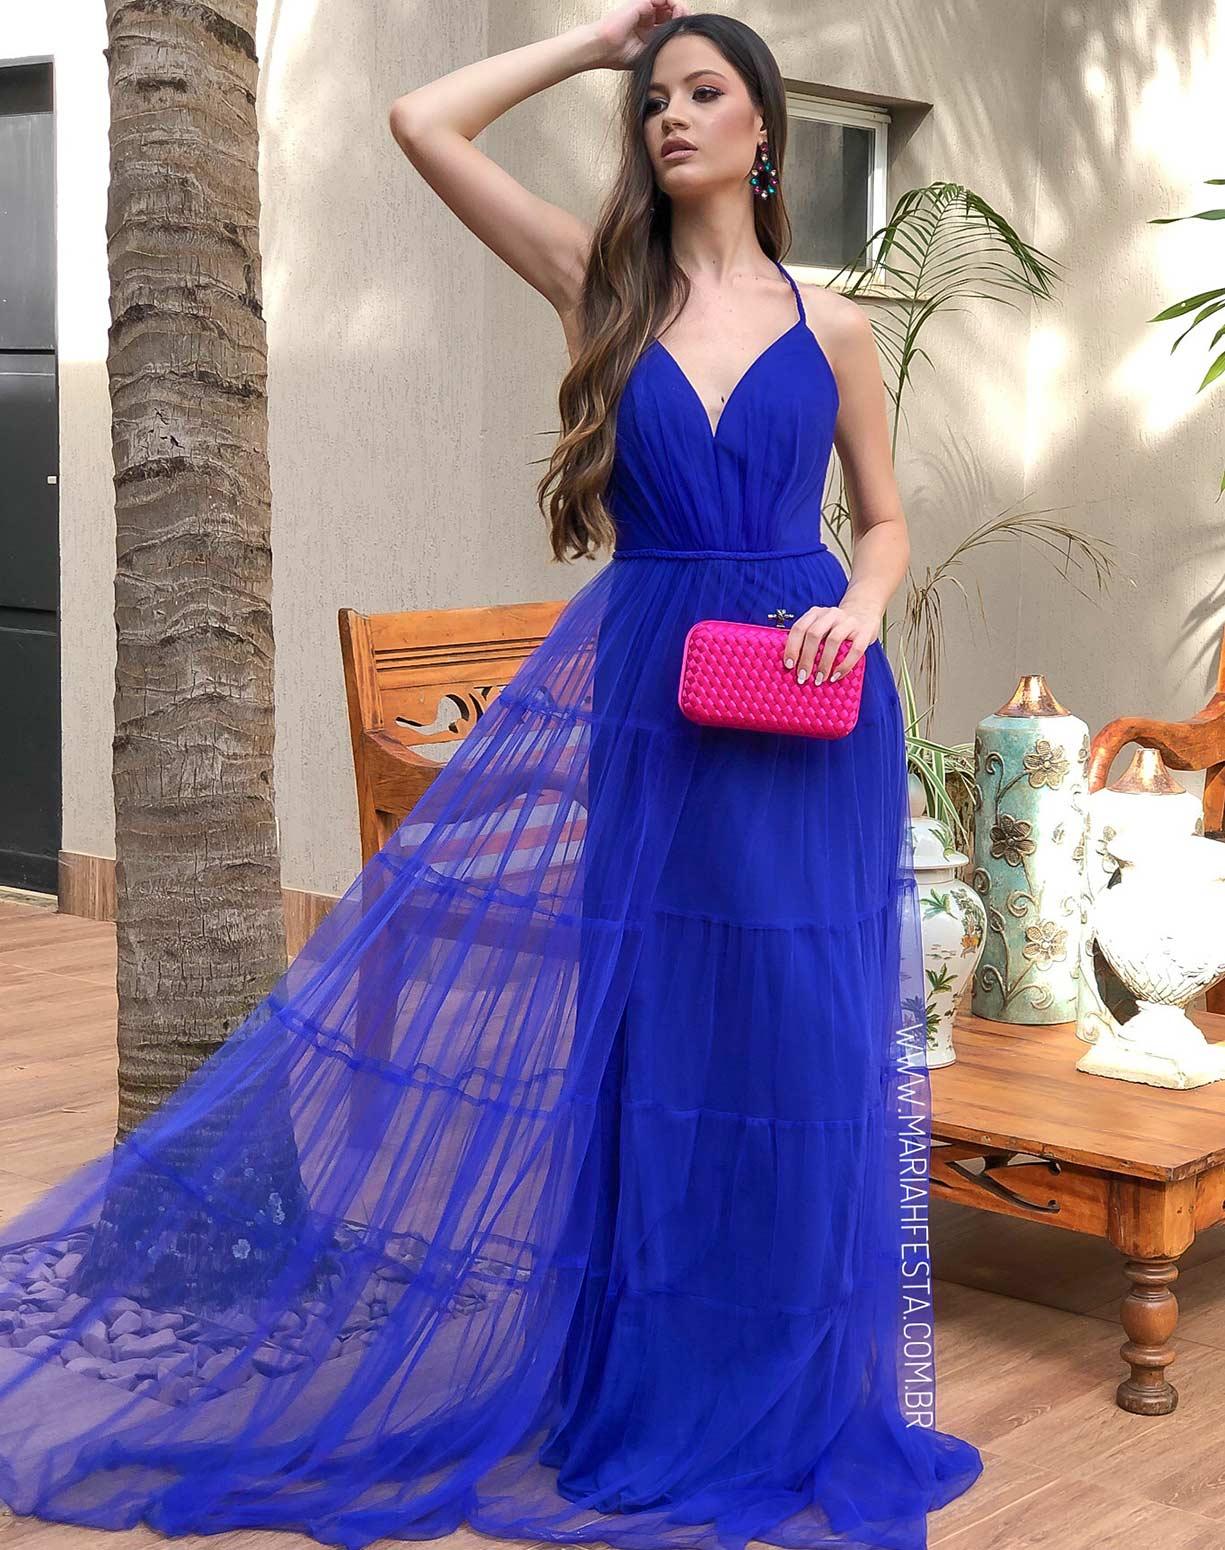 Vestido Azul Royal em Tule com Saia Evasê em Camadas